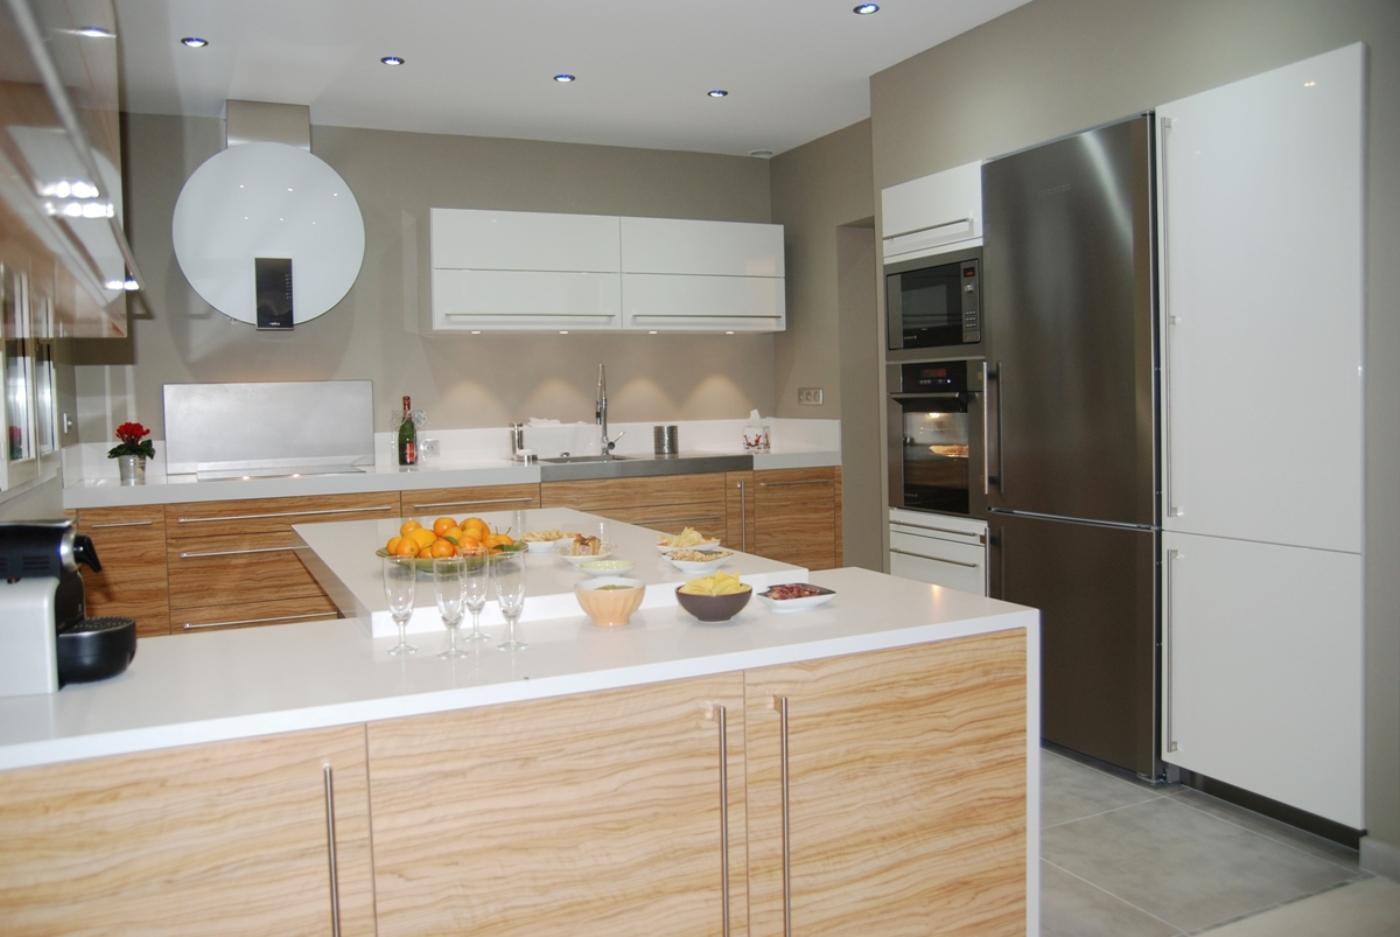 Faure agencement perene lyon cuisines salle de bains rangement concess - Cuisines perene avis ...